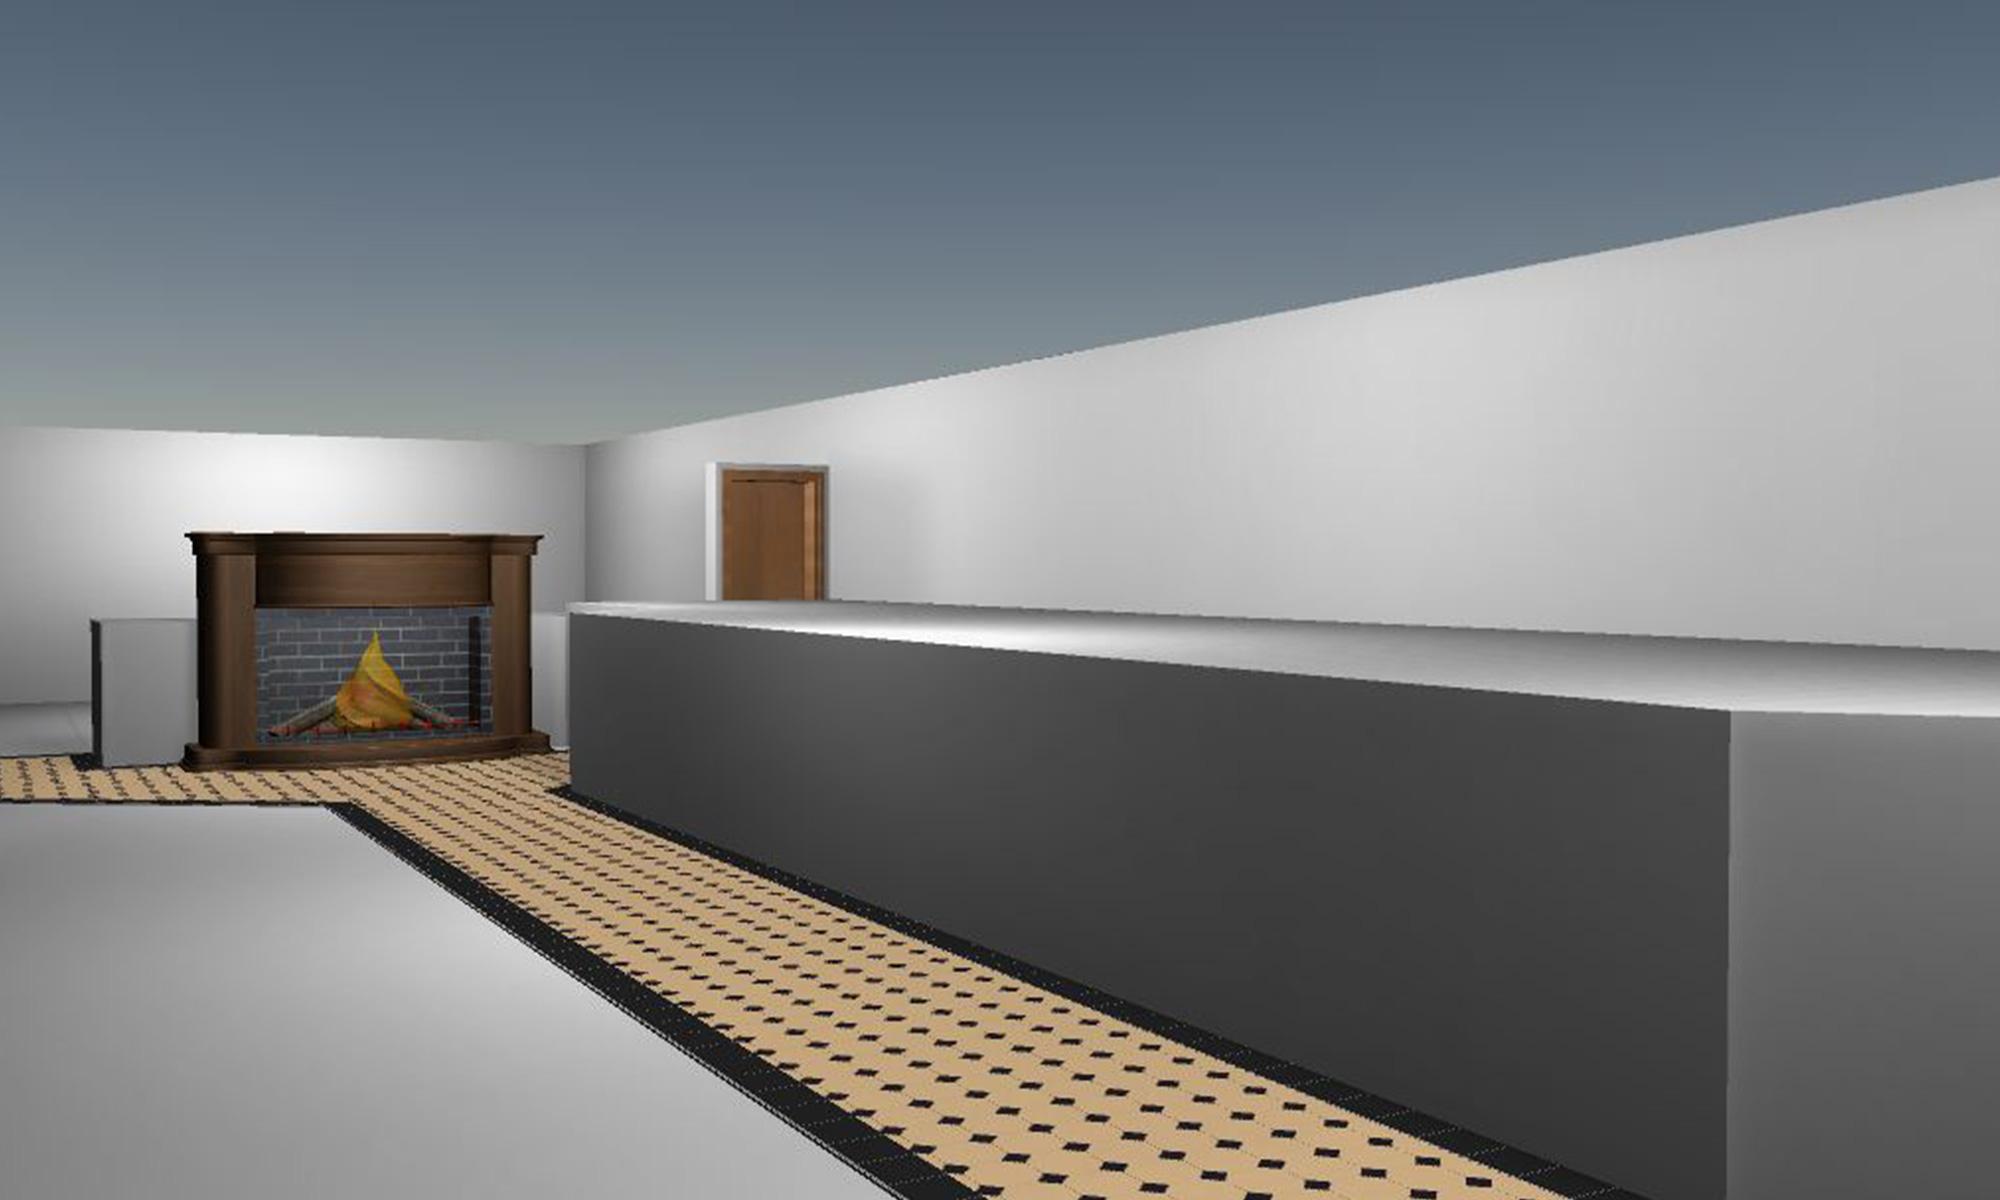 renders-images4